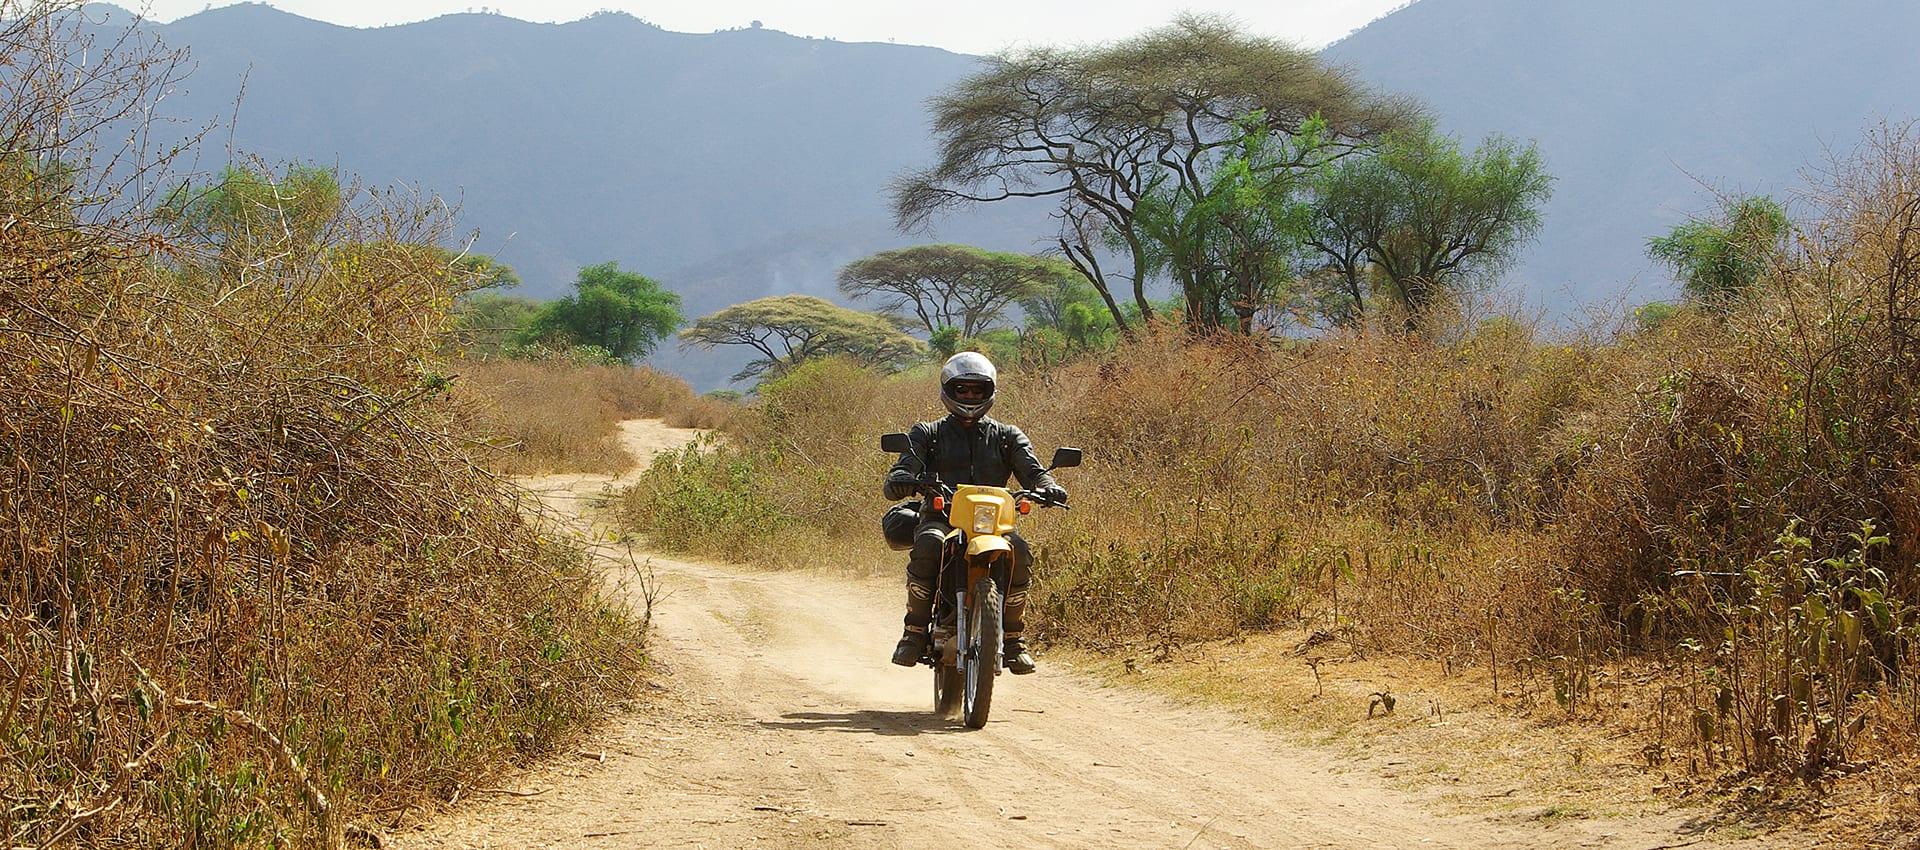 Motorreizen Ethiopie de Abessinnie motor challenge van Travel 2 Explore